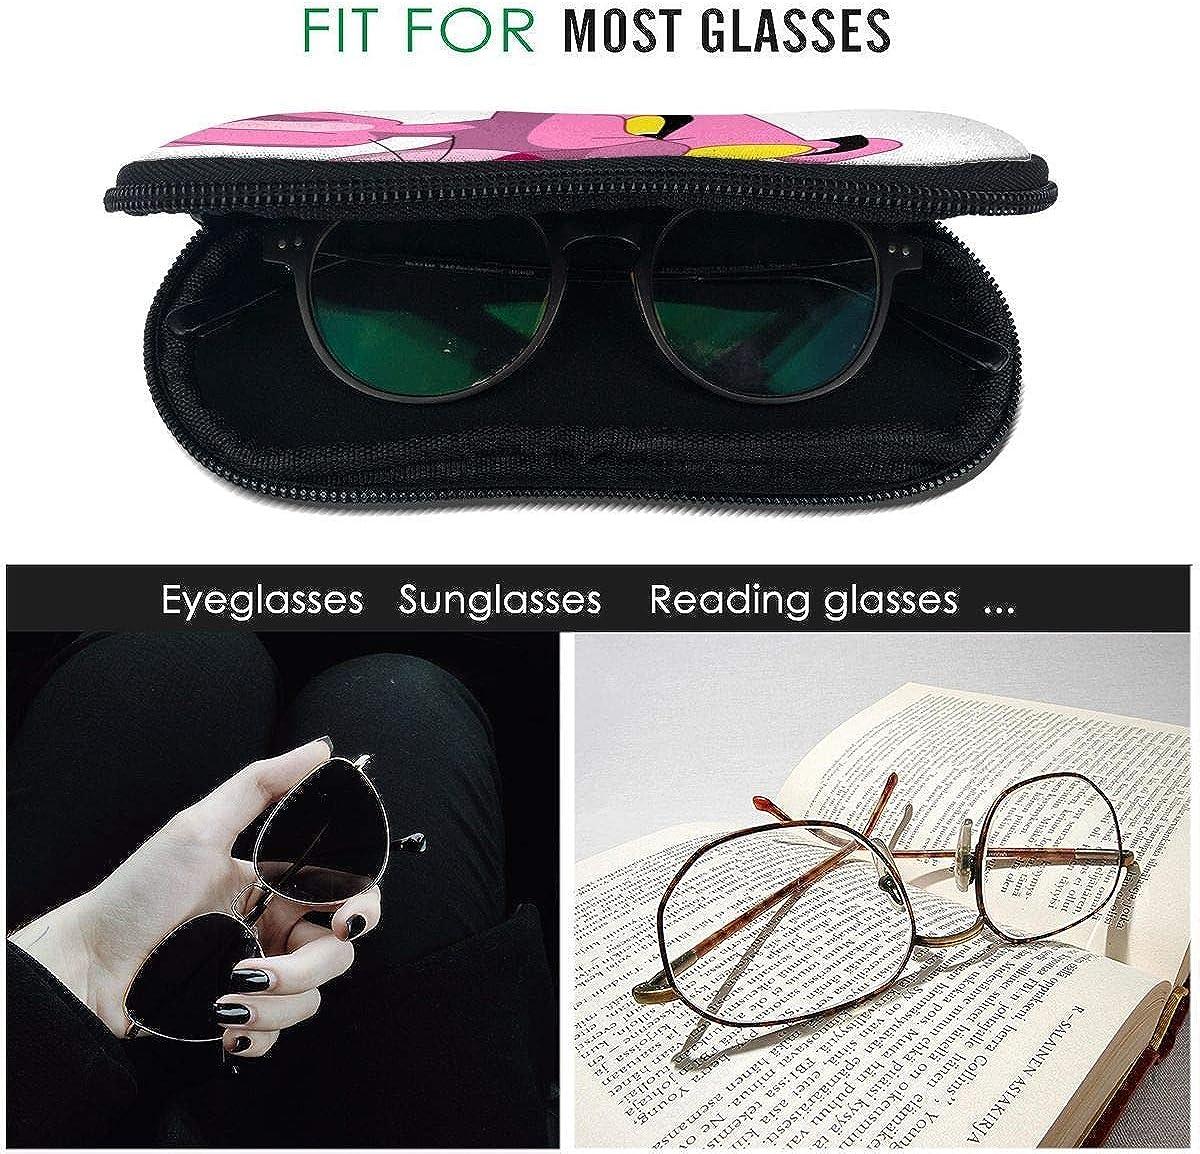 oficina cremallera con gancho para escuela Estuche para gafas Keith-Haring port/átil para gafas de sol fitness viajes bolsa suave